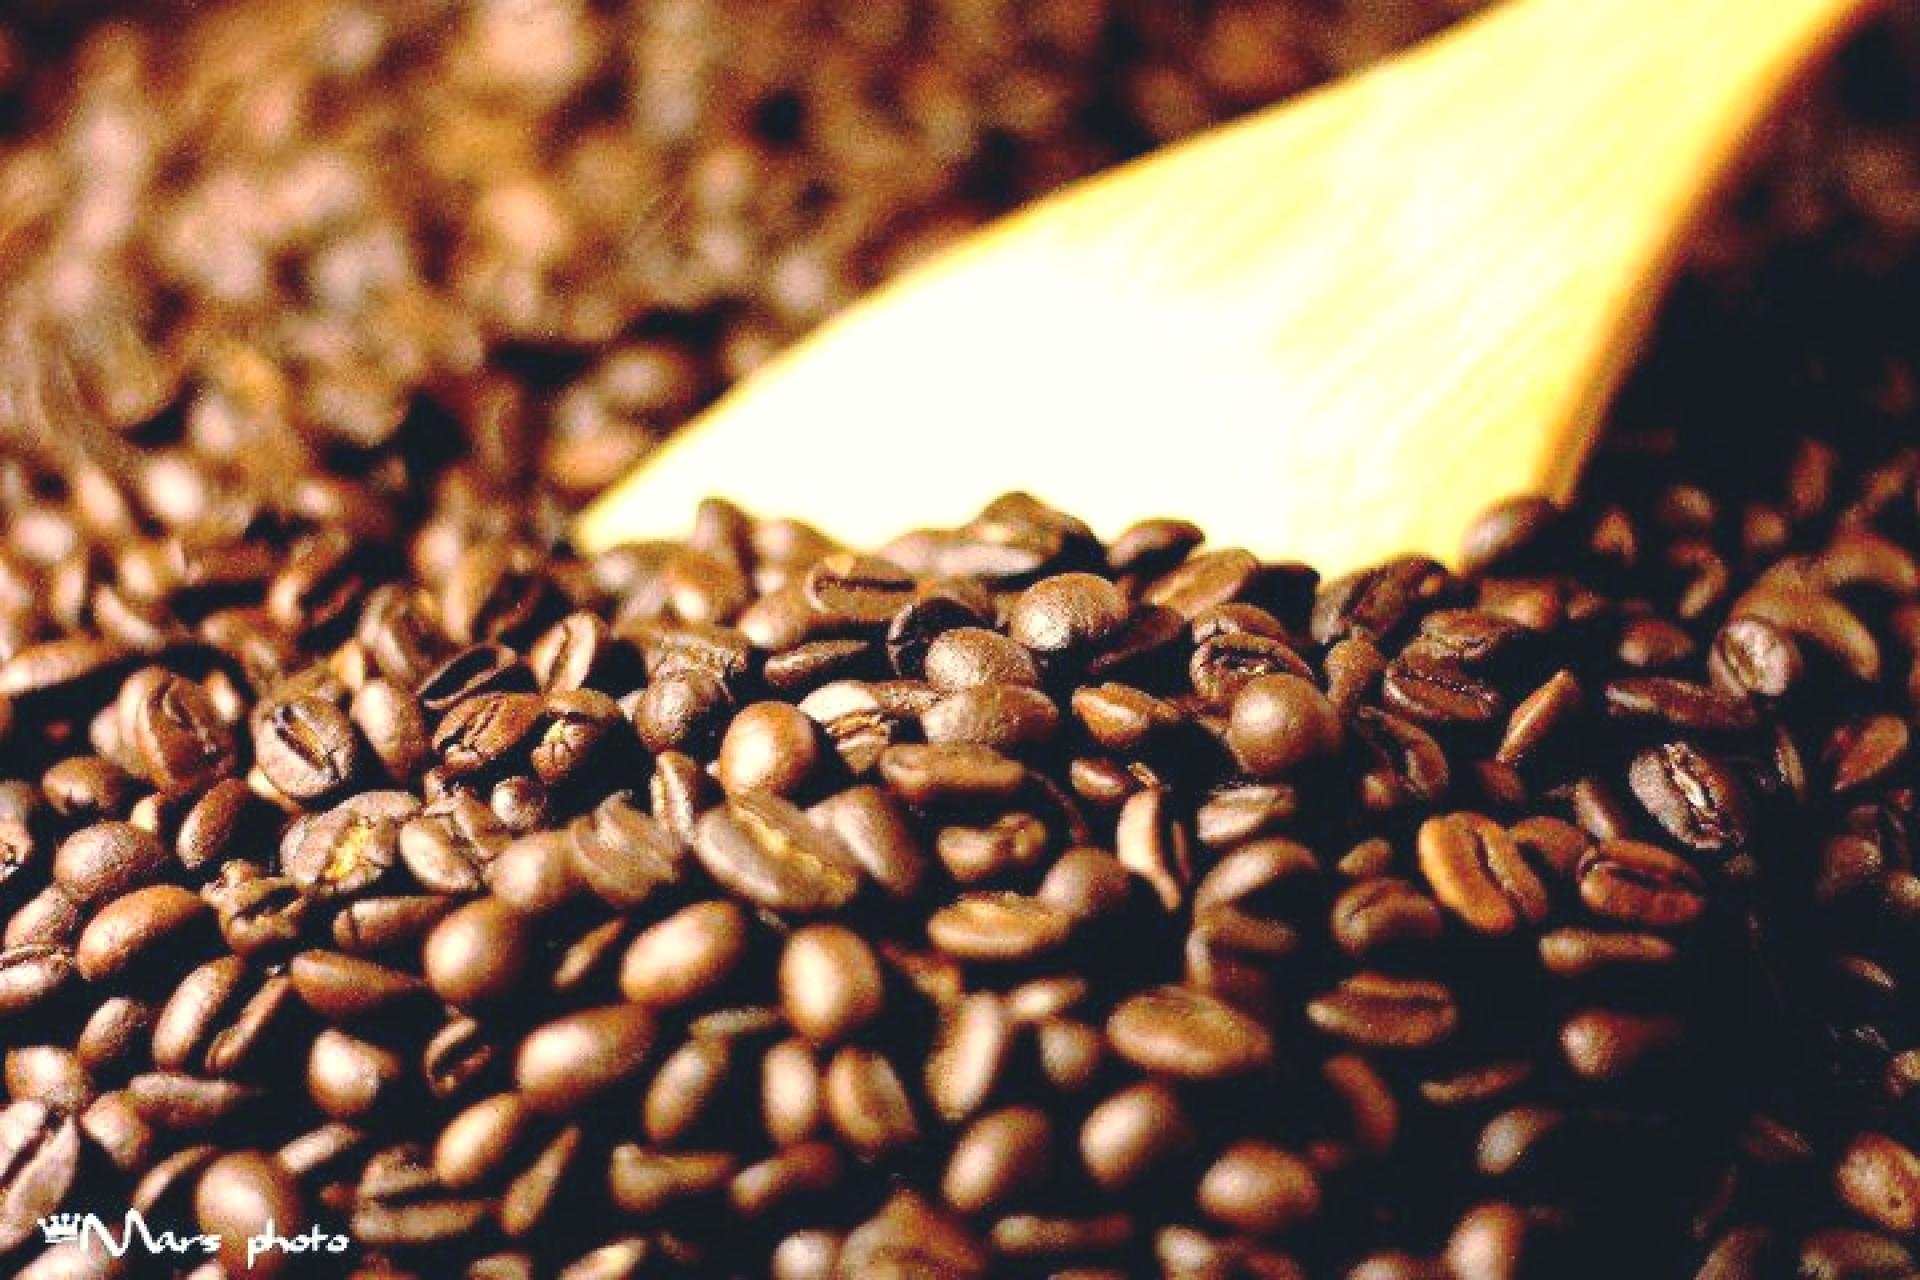 【台南咖啡體驗】古根文旅手烘咖啡豆體驗教學+現烘咖啡品嘗